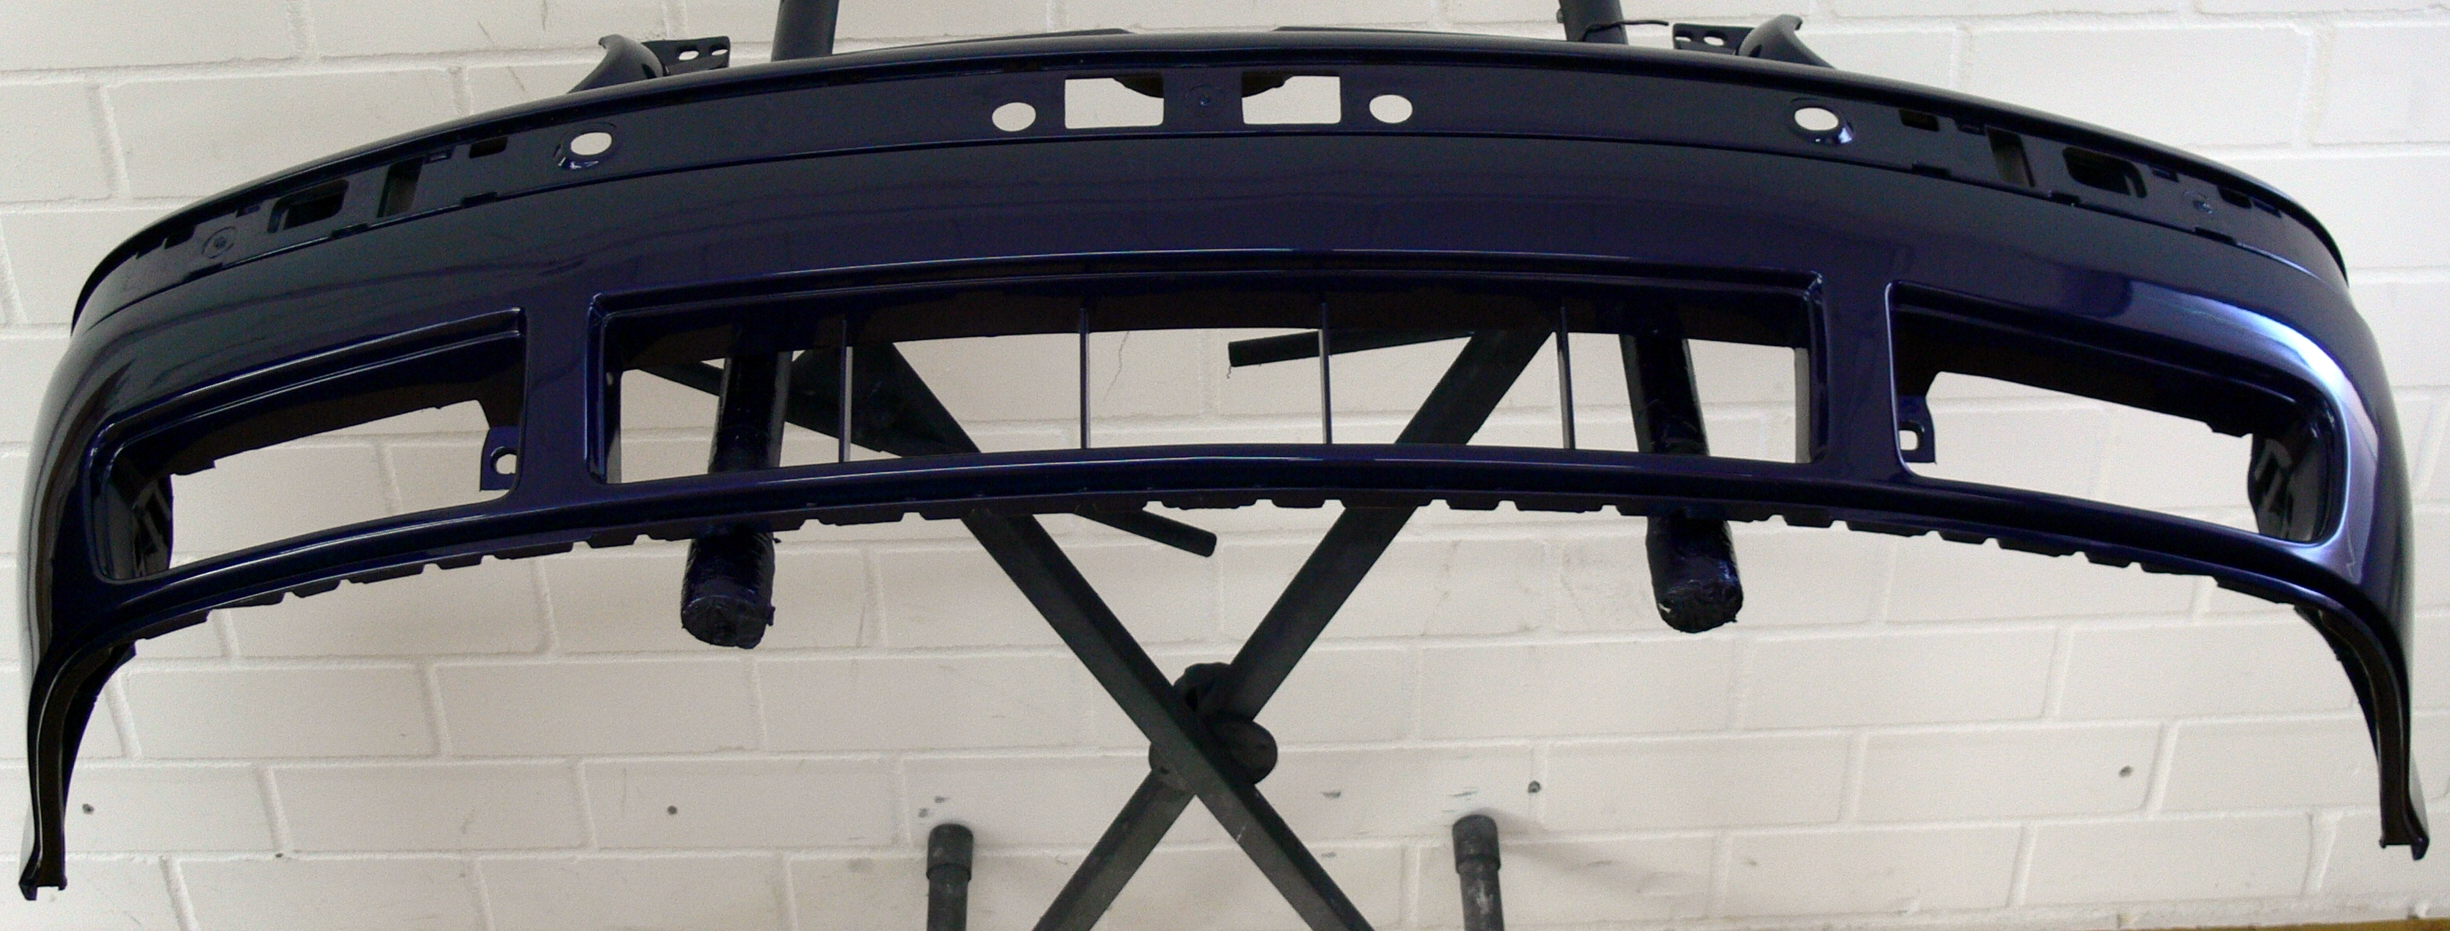 sto stange golf 4 farbcode lb5n. Black Bedroom Furniture Sets. Home Design Ideas